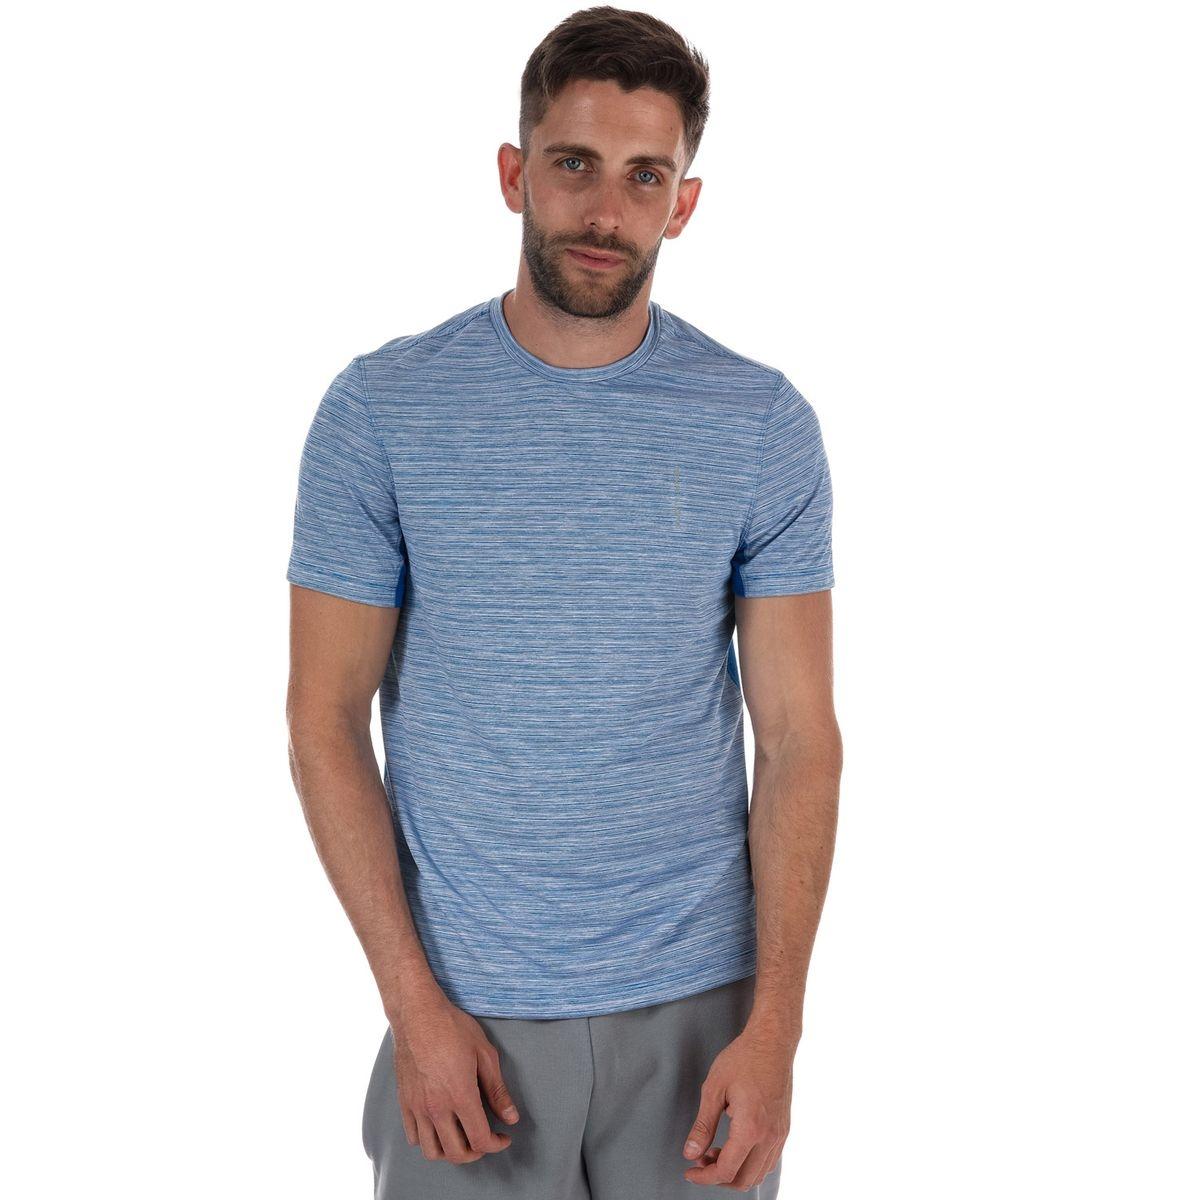 T-Shirt Vantage Manches courtes Tech